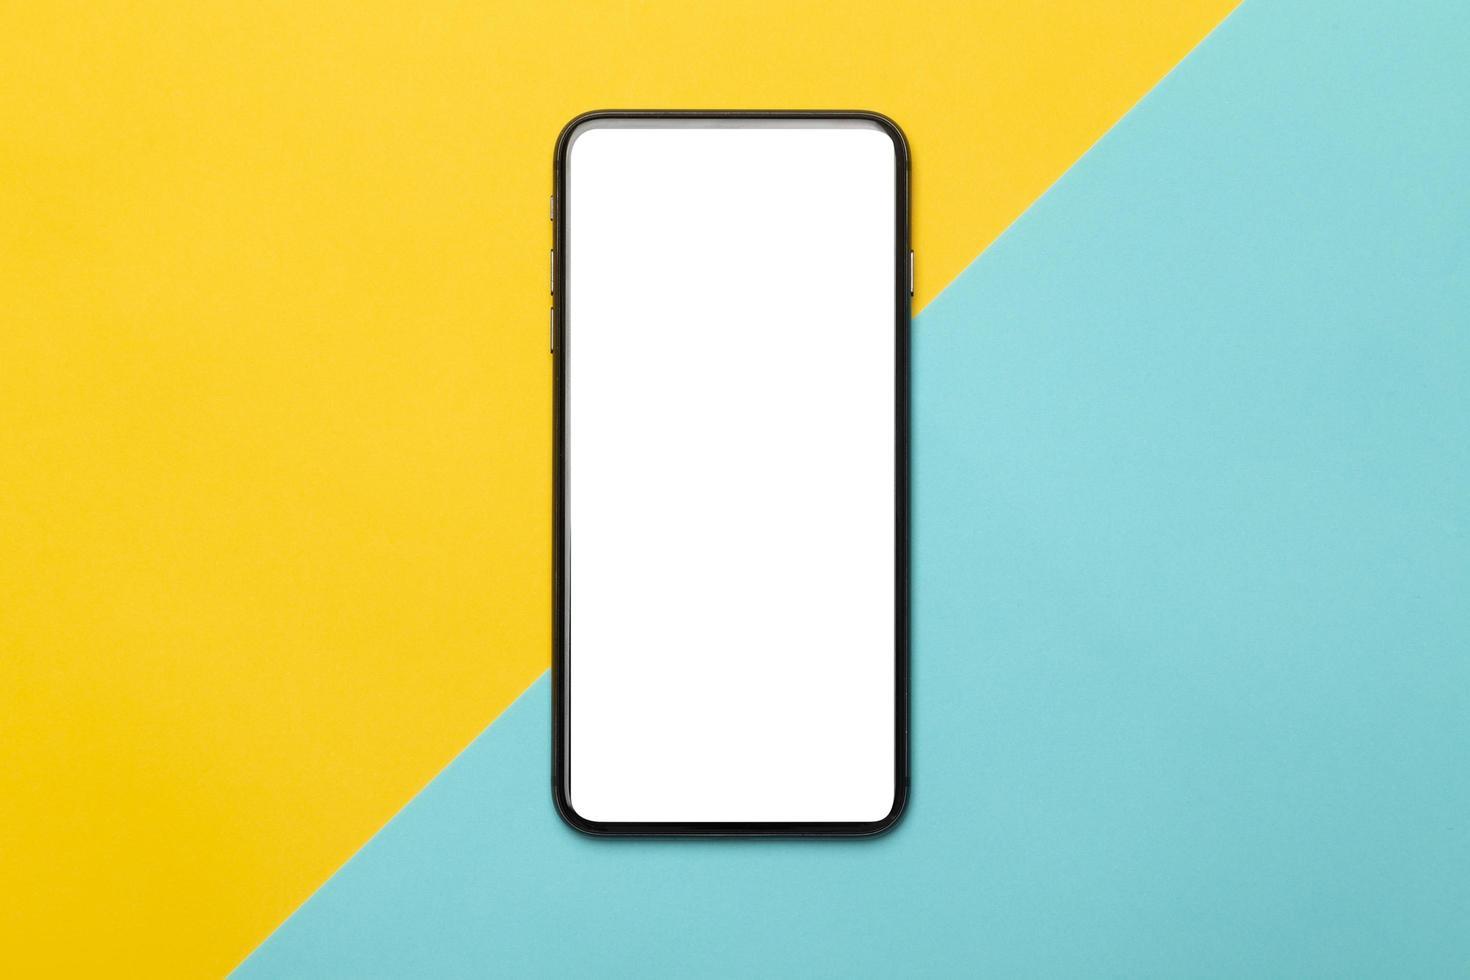 smartphone sur fond jaune et bleu photo